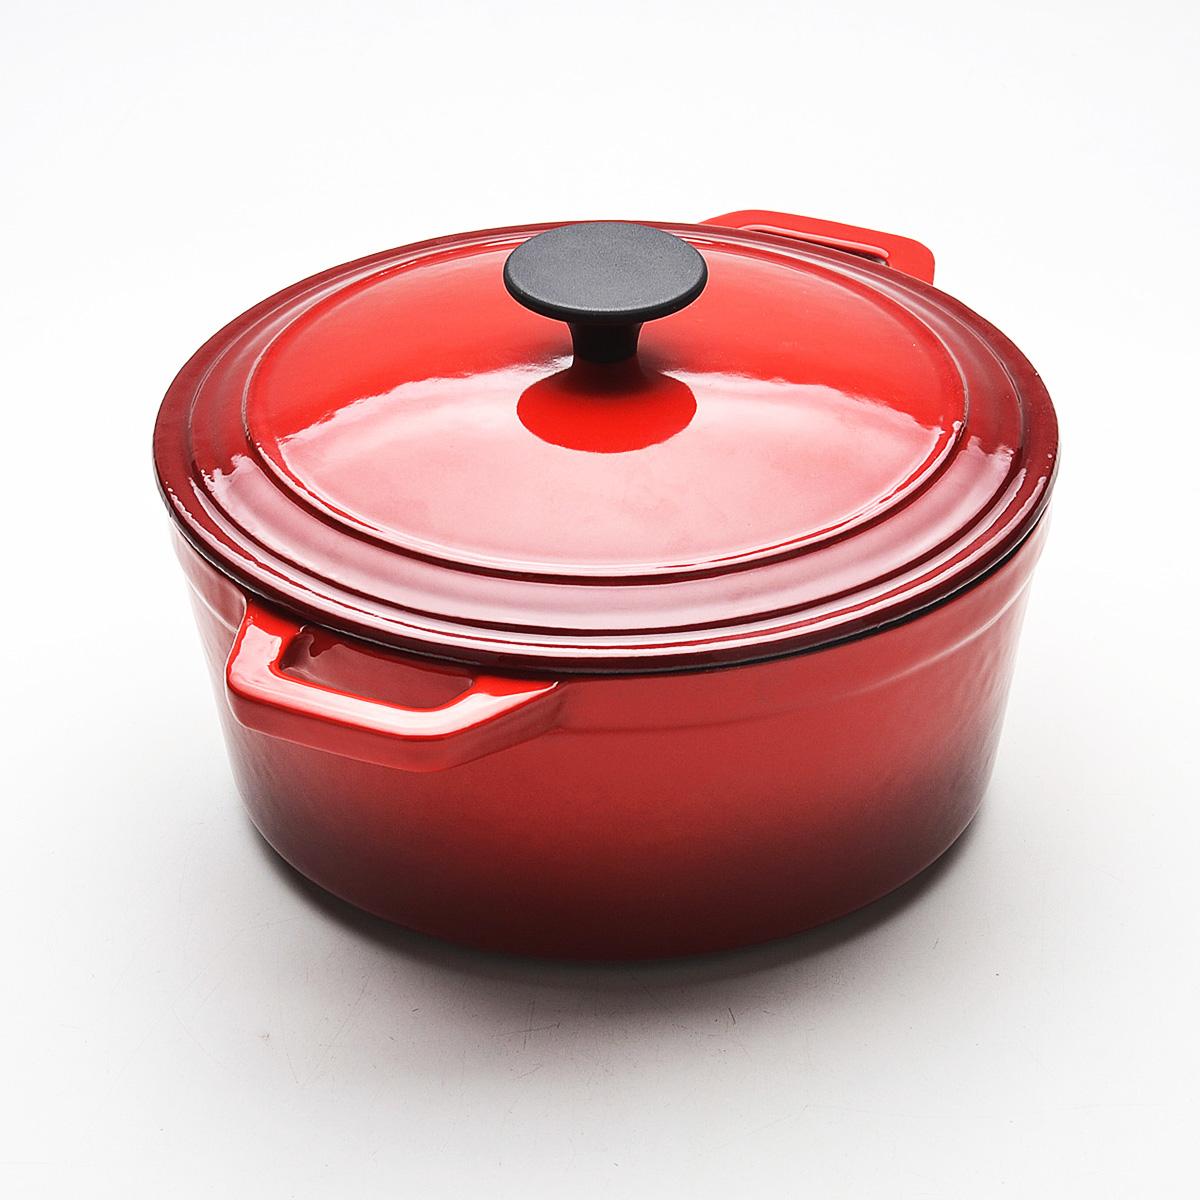 Кастрюля Mayer & Boch с крышкой, с эмалевым покрытием, цвет: красный, 5,6 л22066Кастрюля Mayer & Boch, изготовленная из чугуна, идеально подходит для приготовления вкусных тушеных блюд. Она имеет внешнее и внутреннее эмалевое покрытие. Чугун является традиционным высокопрочным, экологически чистым материалом. Его главной особенностью является то, что эмаль наносится с внешней стороны изделия, а внутри - керамическое покрытие. Причем, чем дольше и чаще вы пользуетесь этой посудой, тем лучше становятся ее свойства. Высокая теплоемкость чугуна позволяет ему сильно нагреваться и медленно остывать, а это в свою очередь обеспечивает равномерное приготовление пищи. Чугун не вступает в какие-либо химические реакции с пищей в процессе приготовления и хранения, а плотное покрытие - безупречное препятствие для бактерий и запахов. Пища, приготовленная в чугунной посуде, благодаря экологической чистоте материала не может нанести вред здоровью человека. Кастрюля оснащена двумя удобными ручками. К кастрюле прилагается чугунная крышка с пластиковой ручкой, которая плотно прилегает к краям кастрюли, сохраняя аромат блюд. Кастрюлю Mayer & Boch можно использовать на всех типах плит, включая индукционные. Также изделие можно мыть в посудомоечной машине. Ширина кастрюли с учетом ручек: 35 см.Высота кастрюли (без учета крышки): 12 см.Толщина стенки: 4 мм. Толщина дна: 5 мм. Диаметр: 27 см.